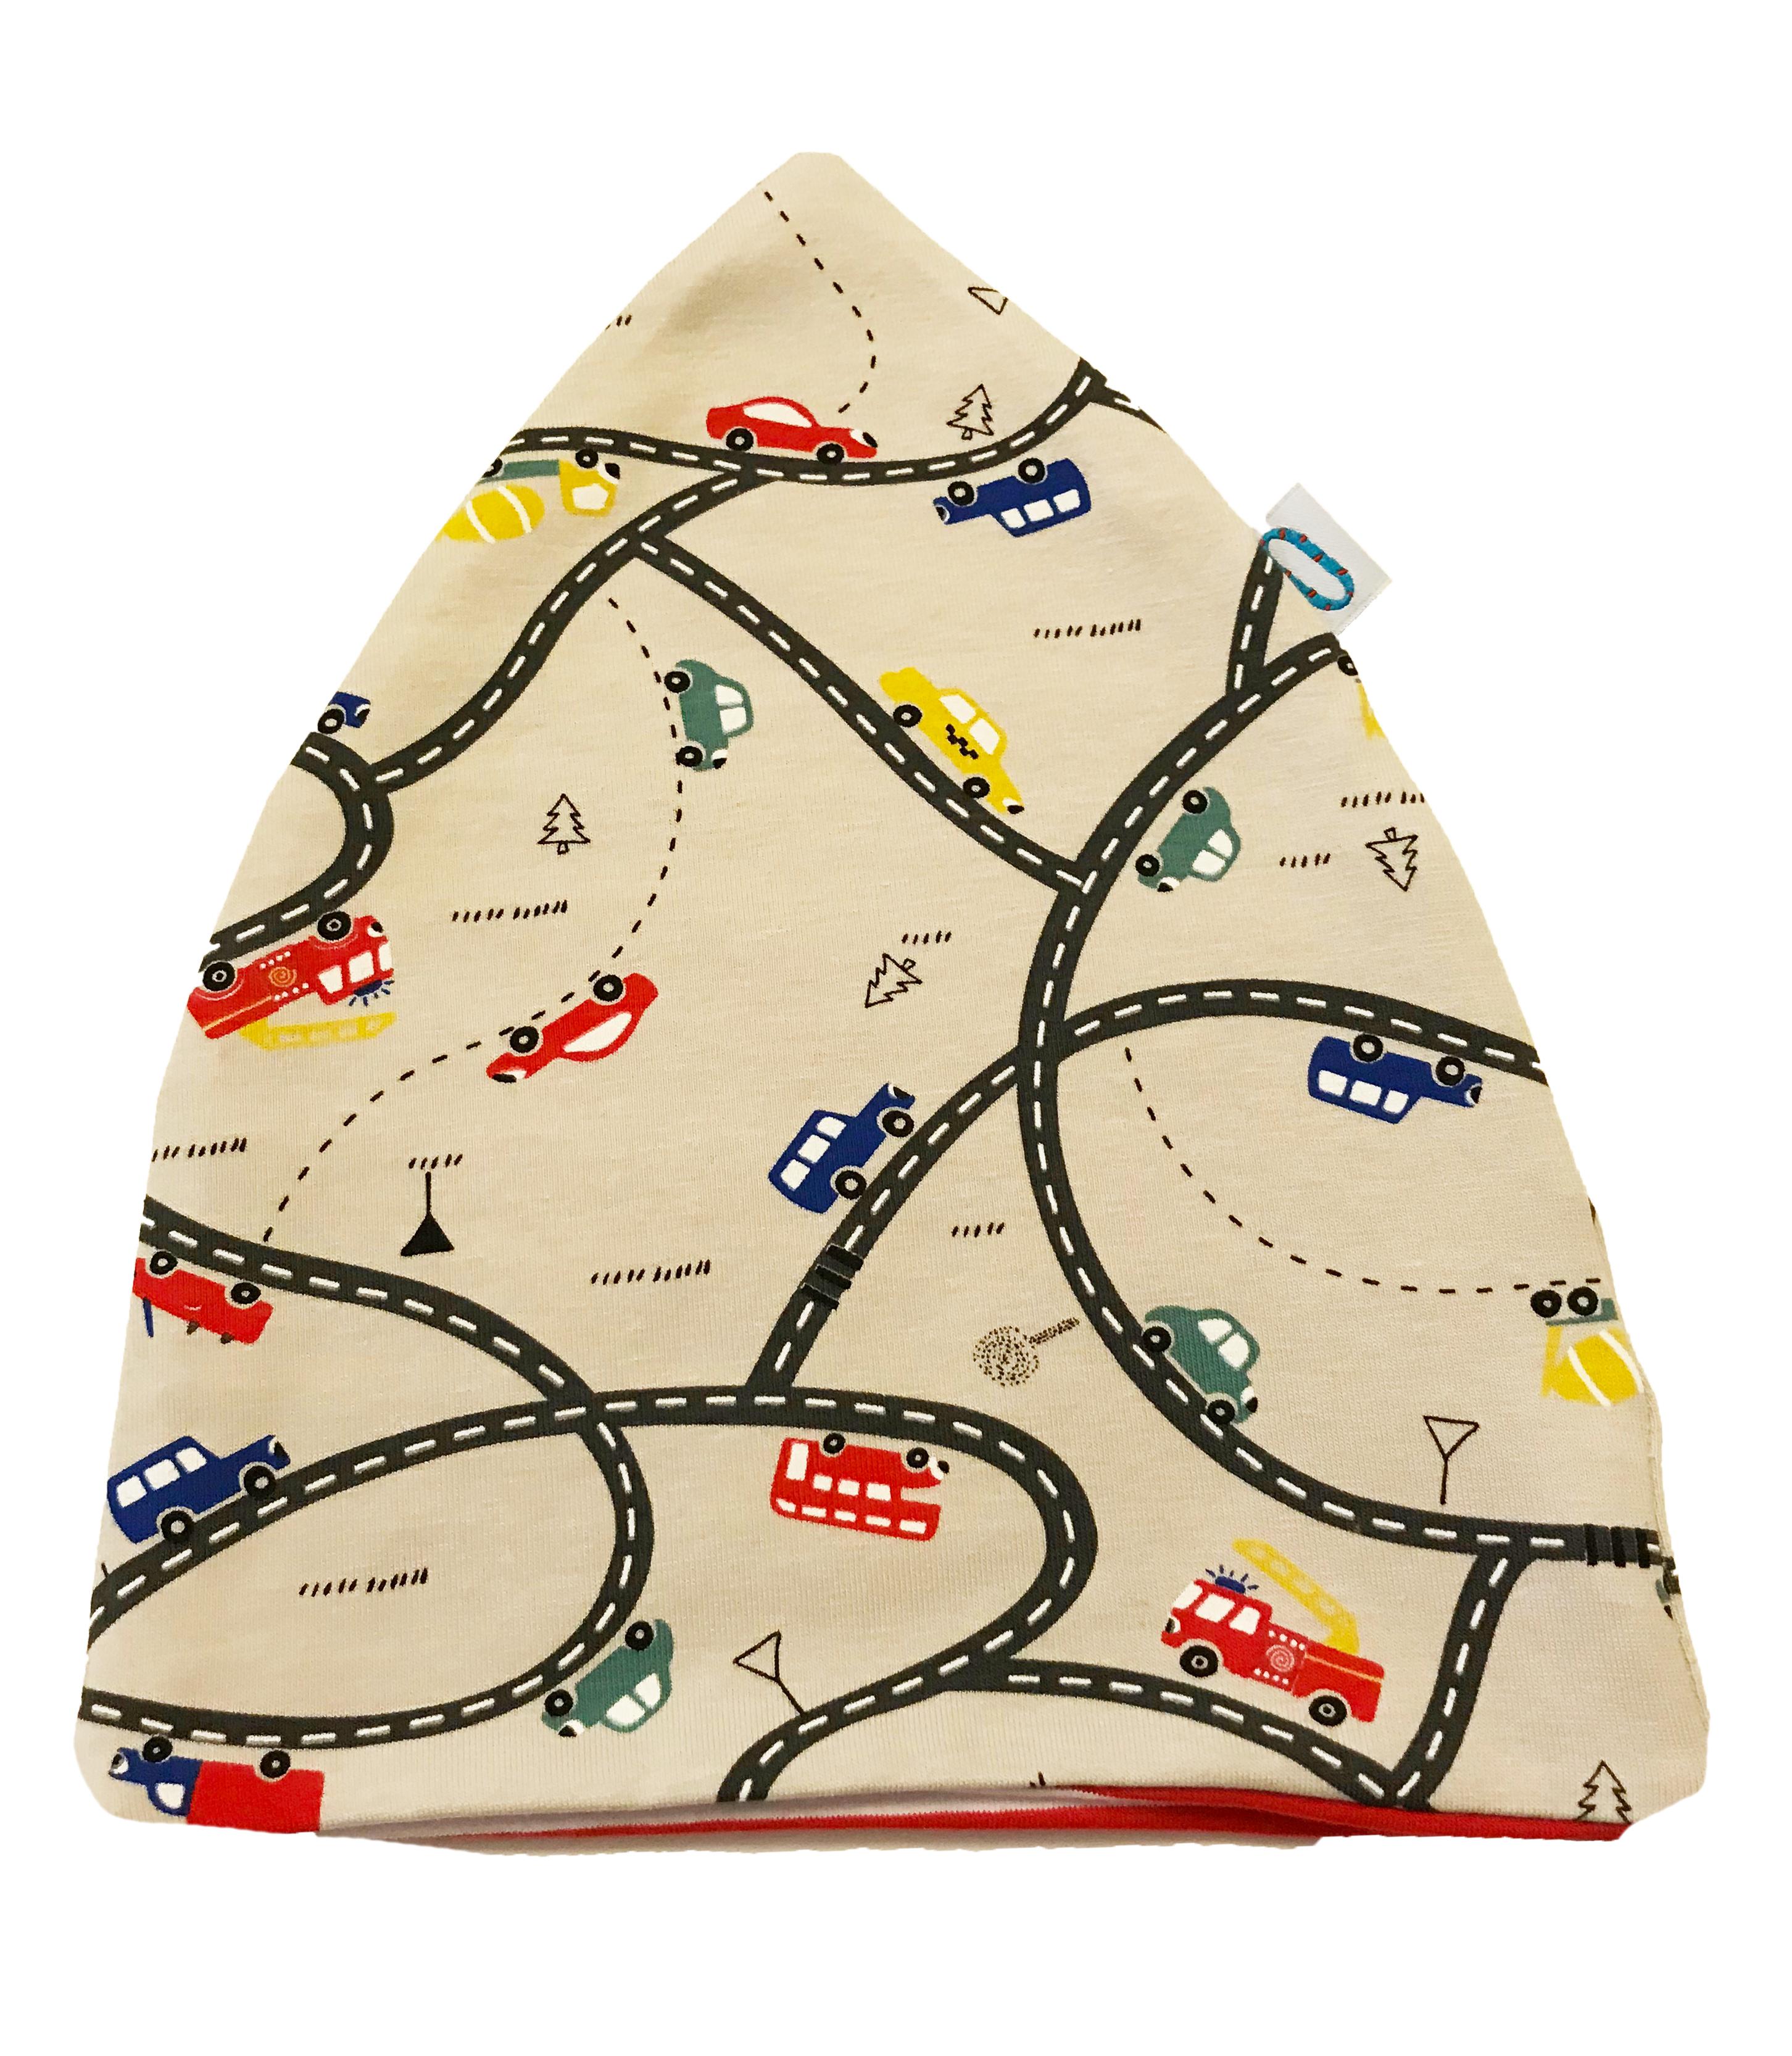 Traffico cappello doppio in cotone